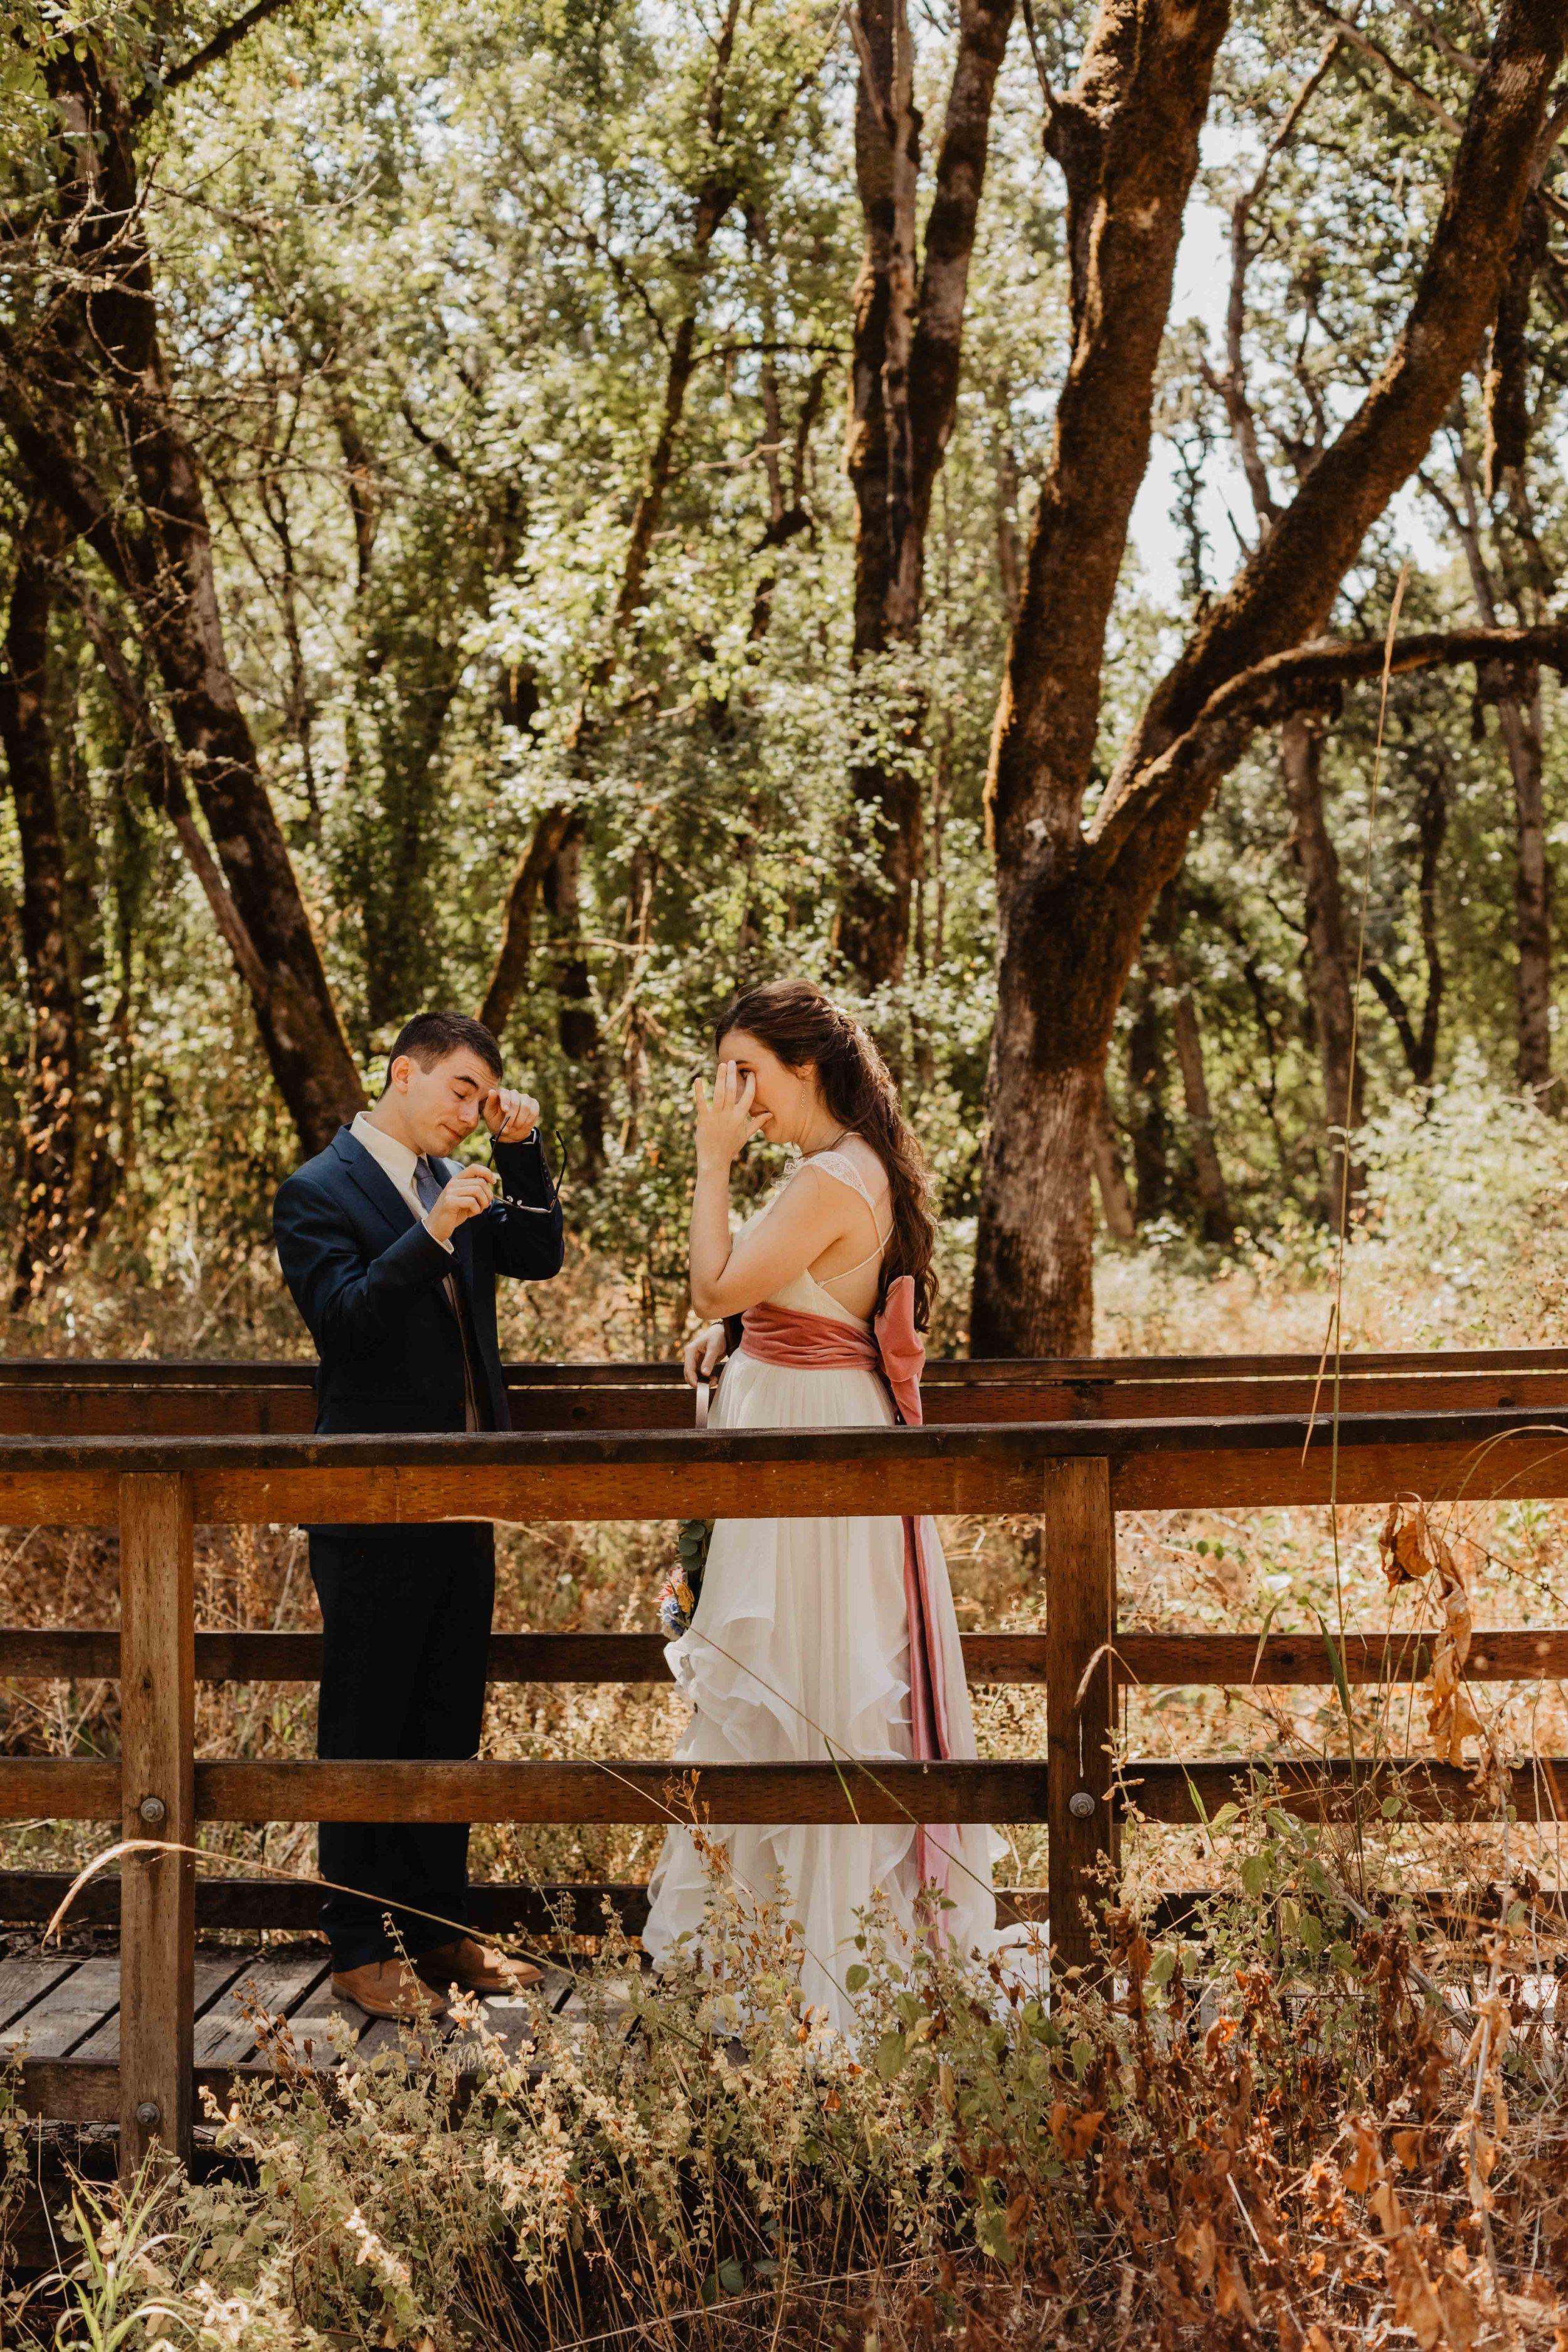 dorris ranch wedding - oregon wedding photographer - eugene wedding photographer-215.jpg